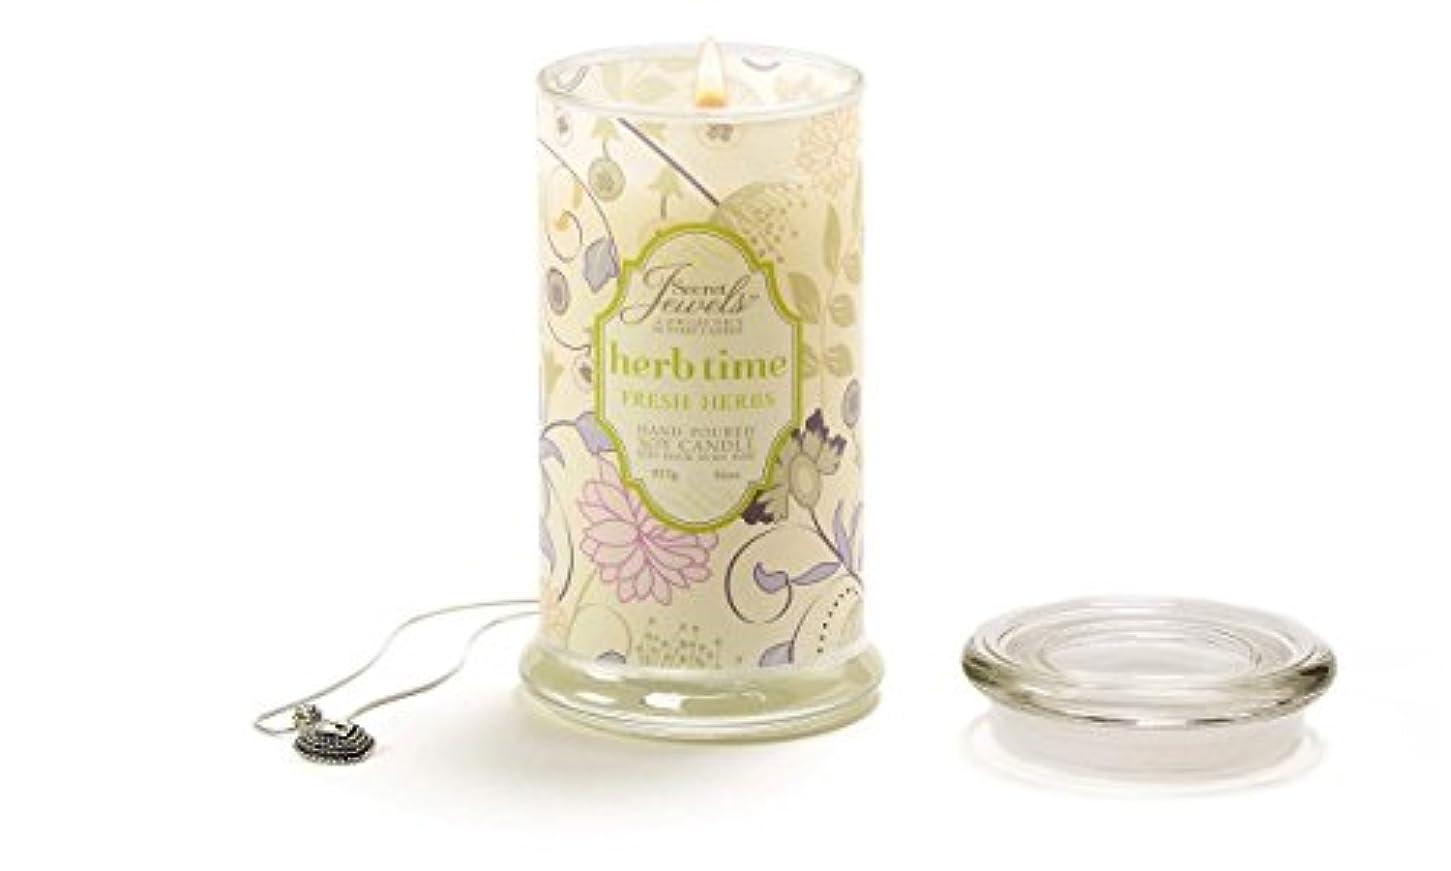 不忠折競争力のある(Fresh Herbs) - Secret Jewels Candle Jar, 470ml, Fresh Herb